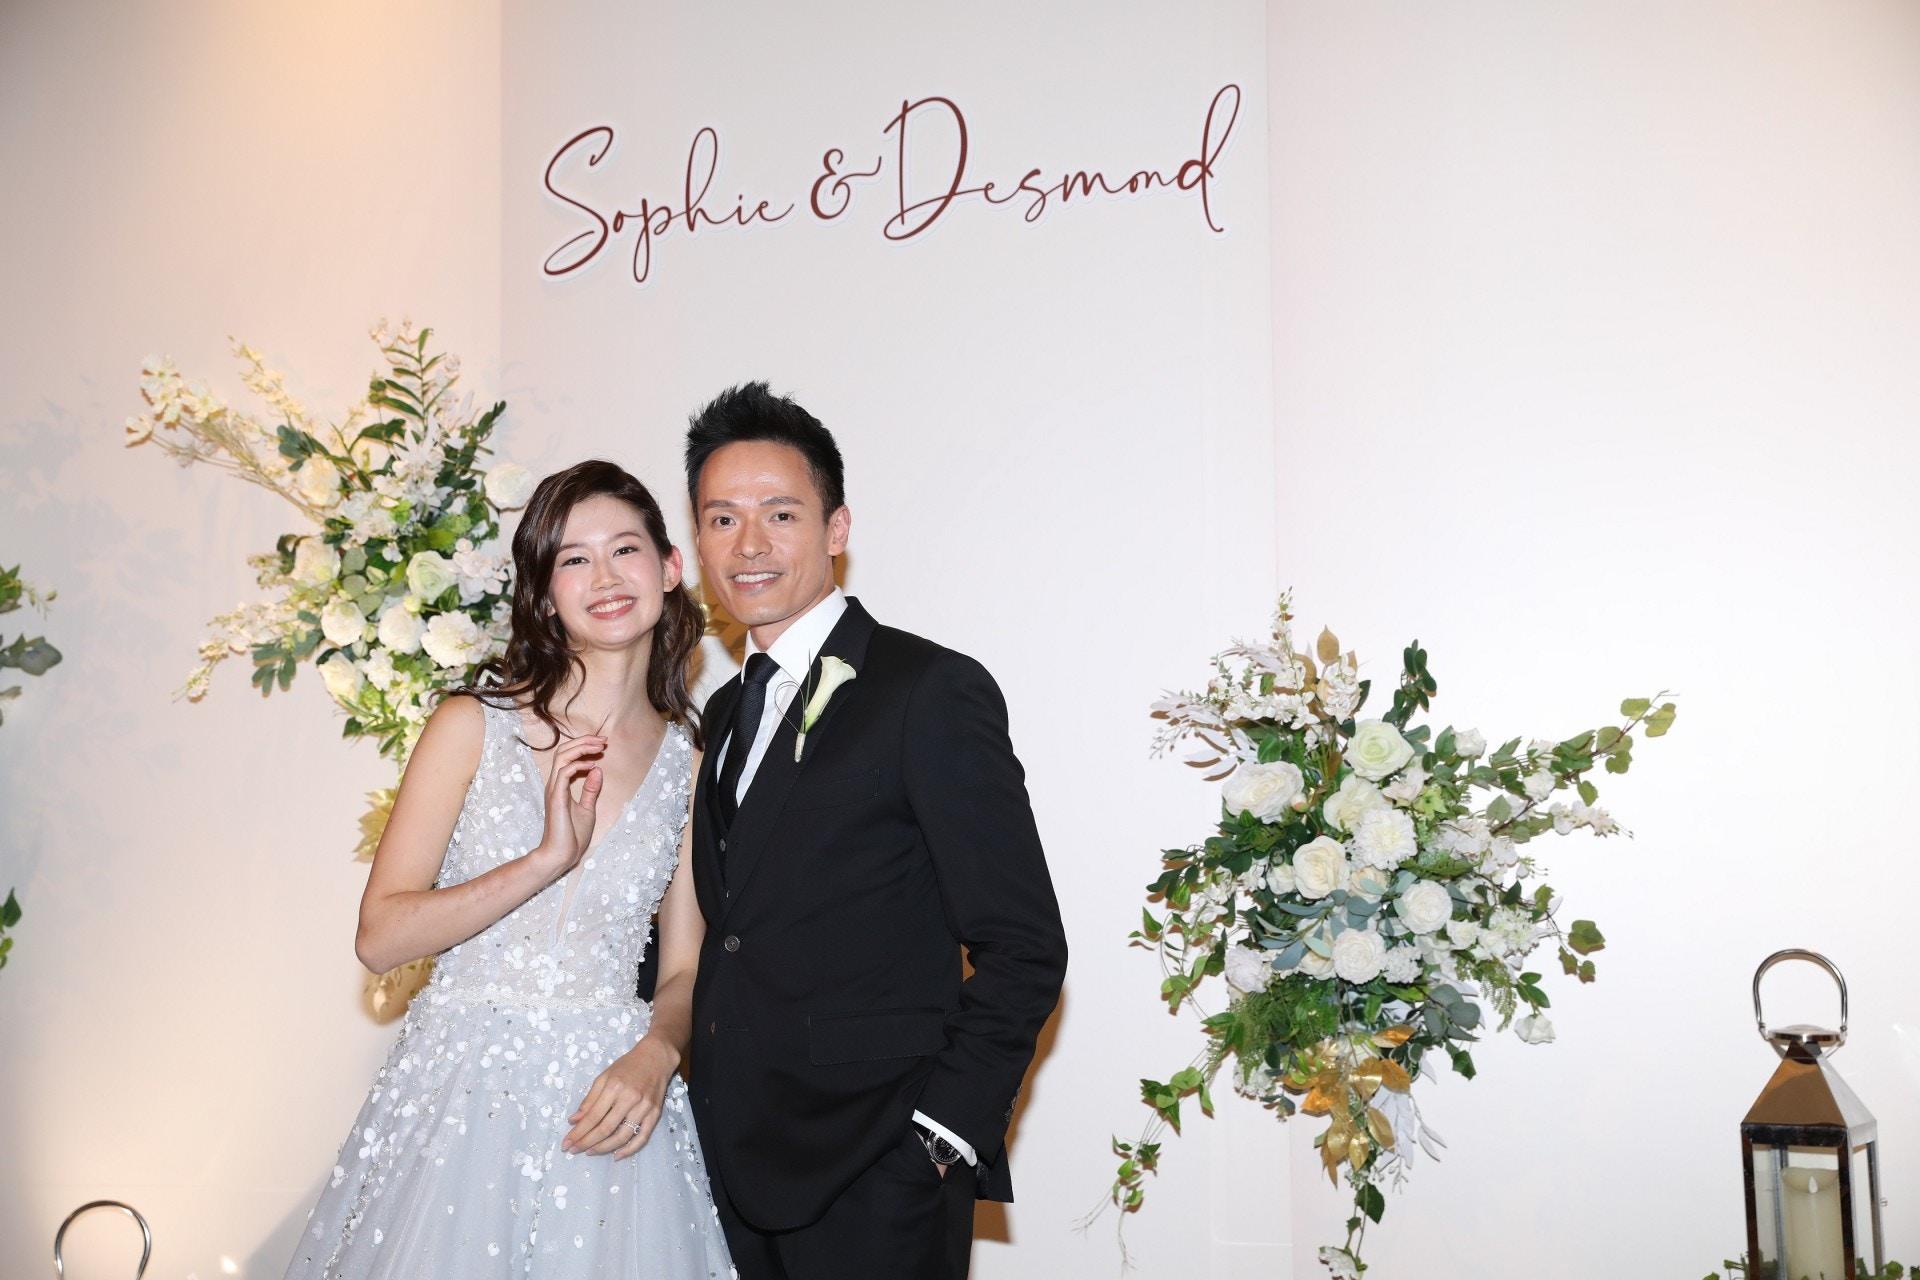 蘇頌輝娶圈外女友Sophie 新娘爆求婚過程冇下跪:佢話搵唔到地方|香港01|即時娛樂